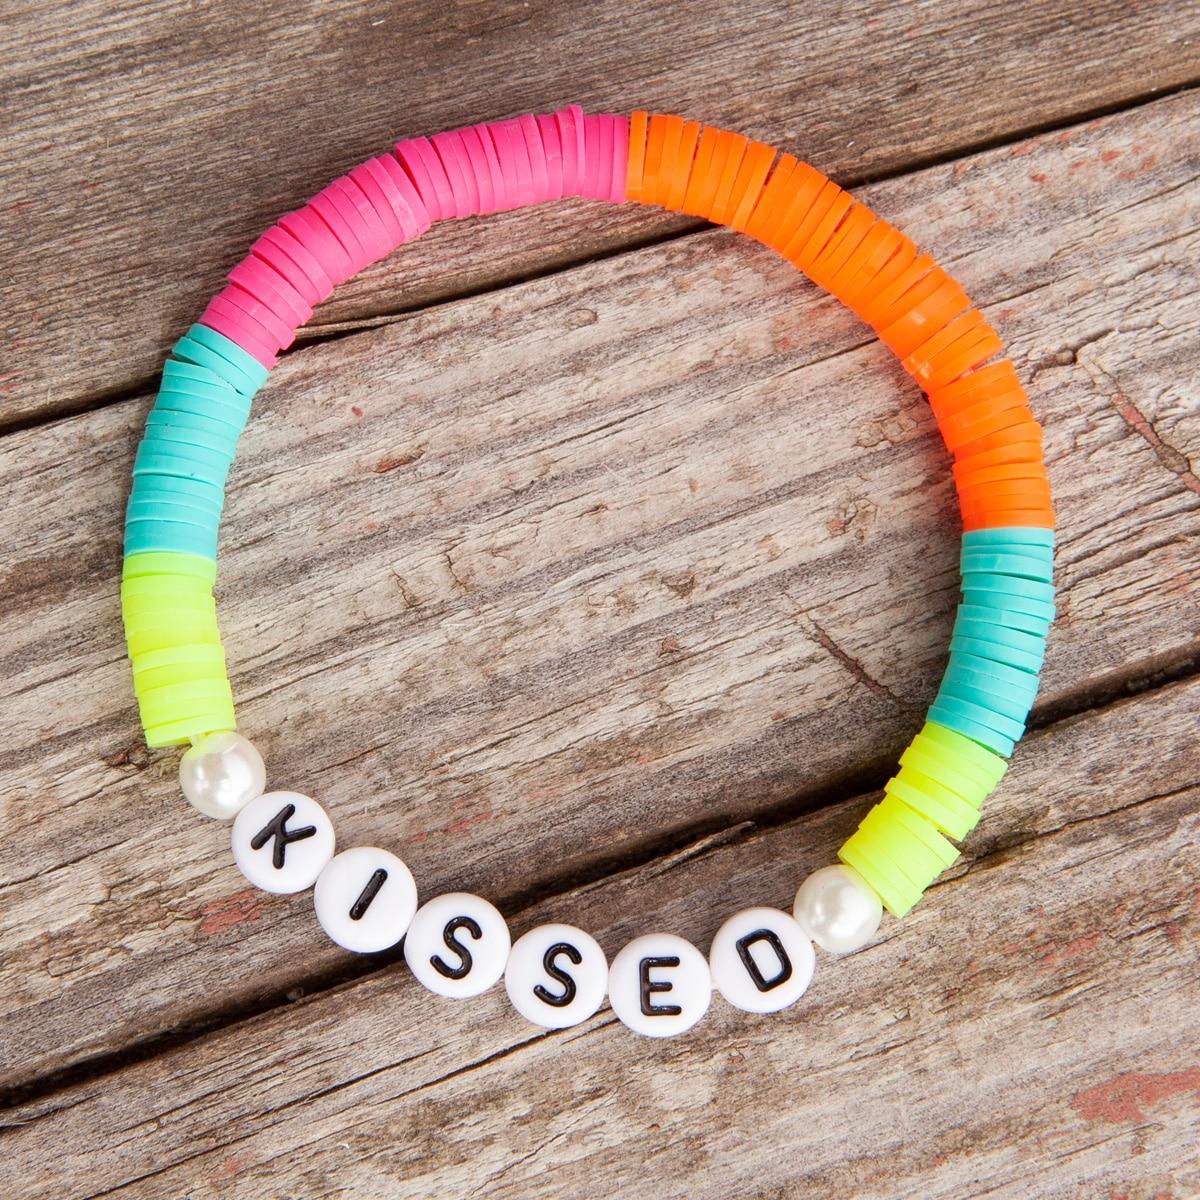 Armband kissed